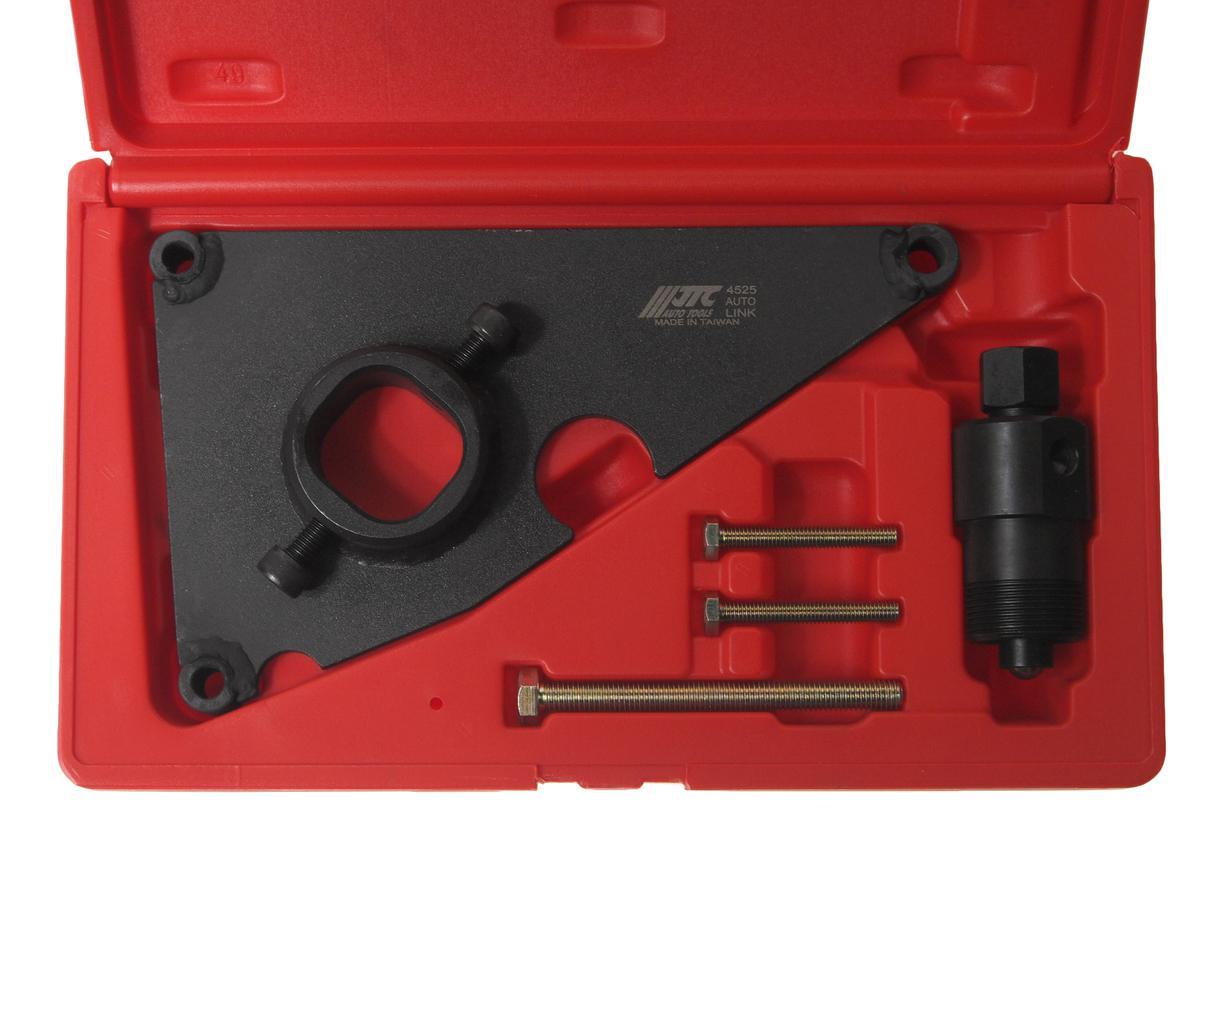 Приспособление Jtc Jtc-4525 jtc приспособление для снятия муфты коробки передач jtc 1721